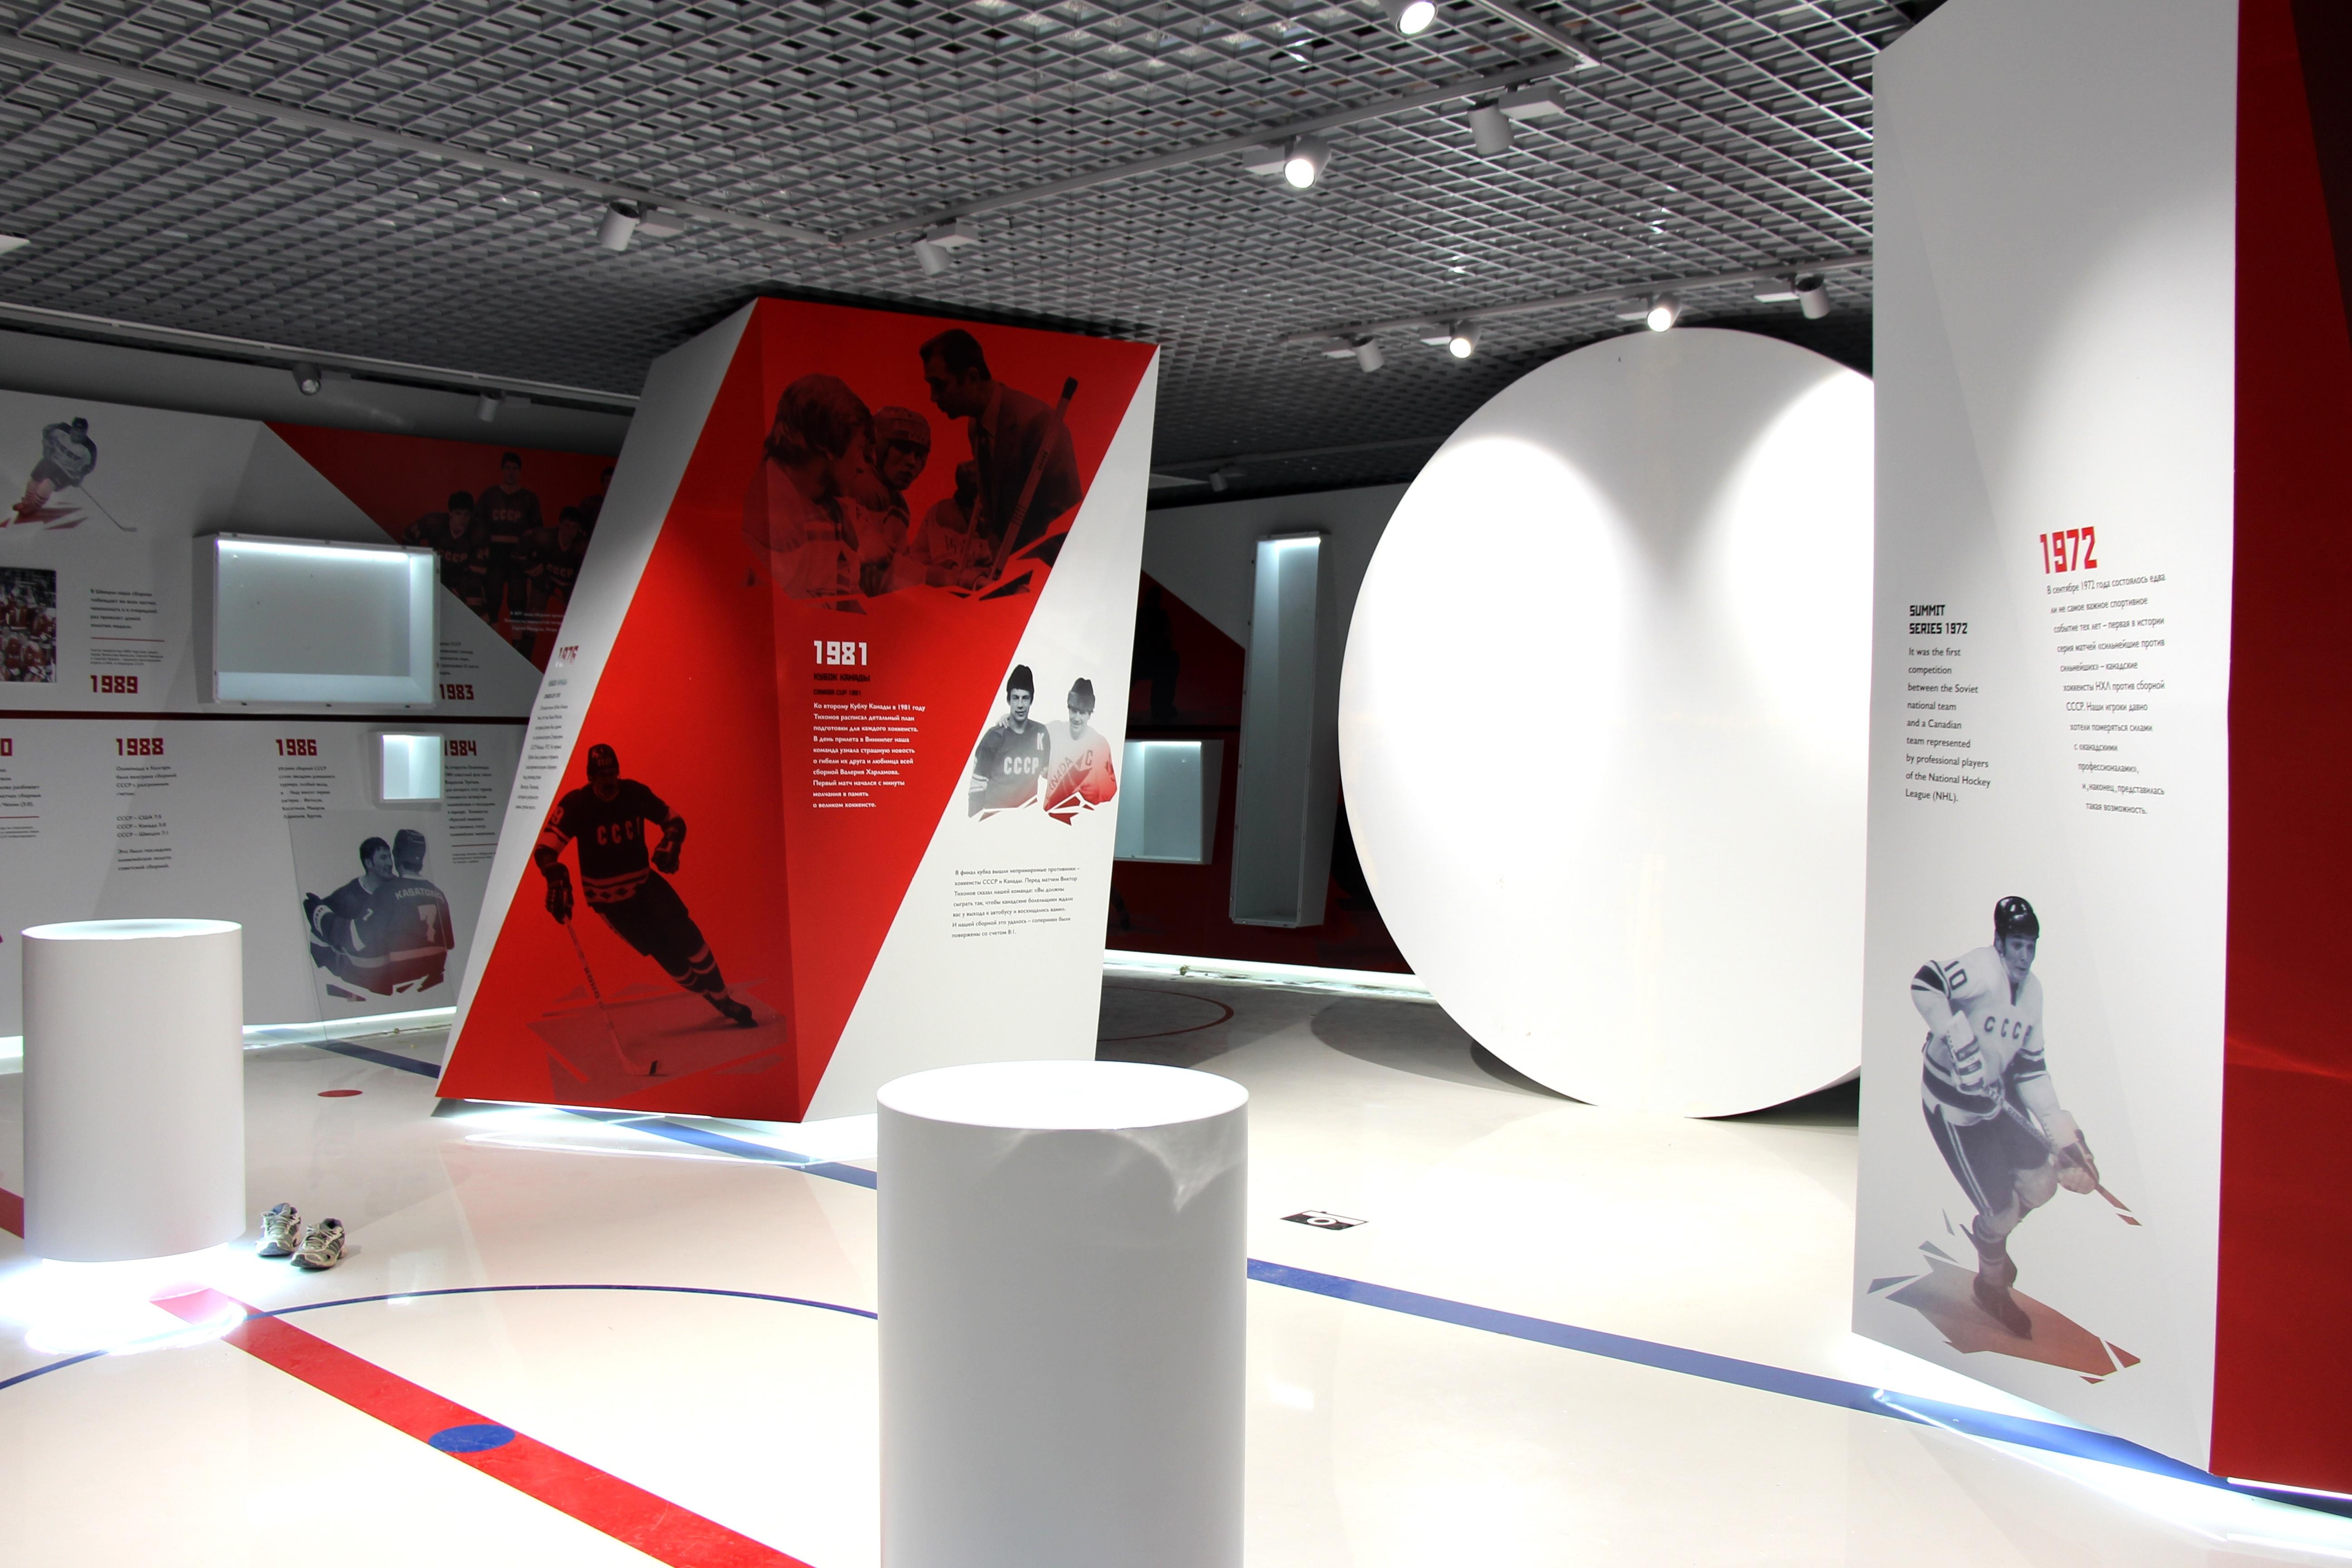 Для оформления зала выбрали красные и белые цвета, внимание уже привлекает огромная шайба.